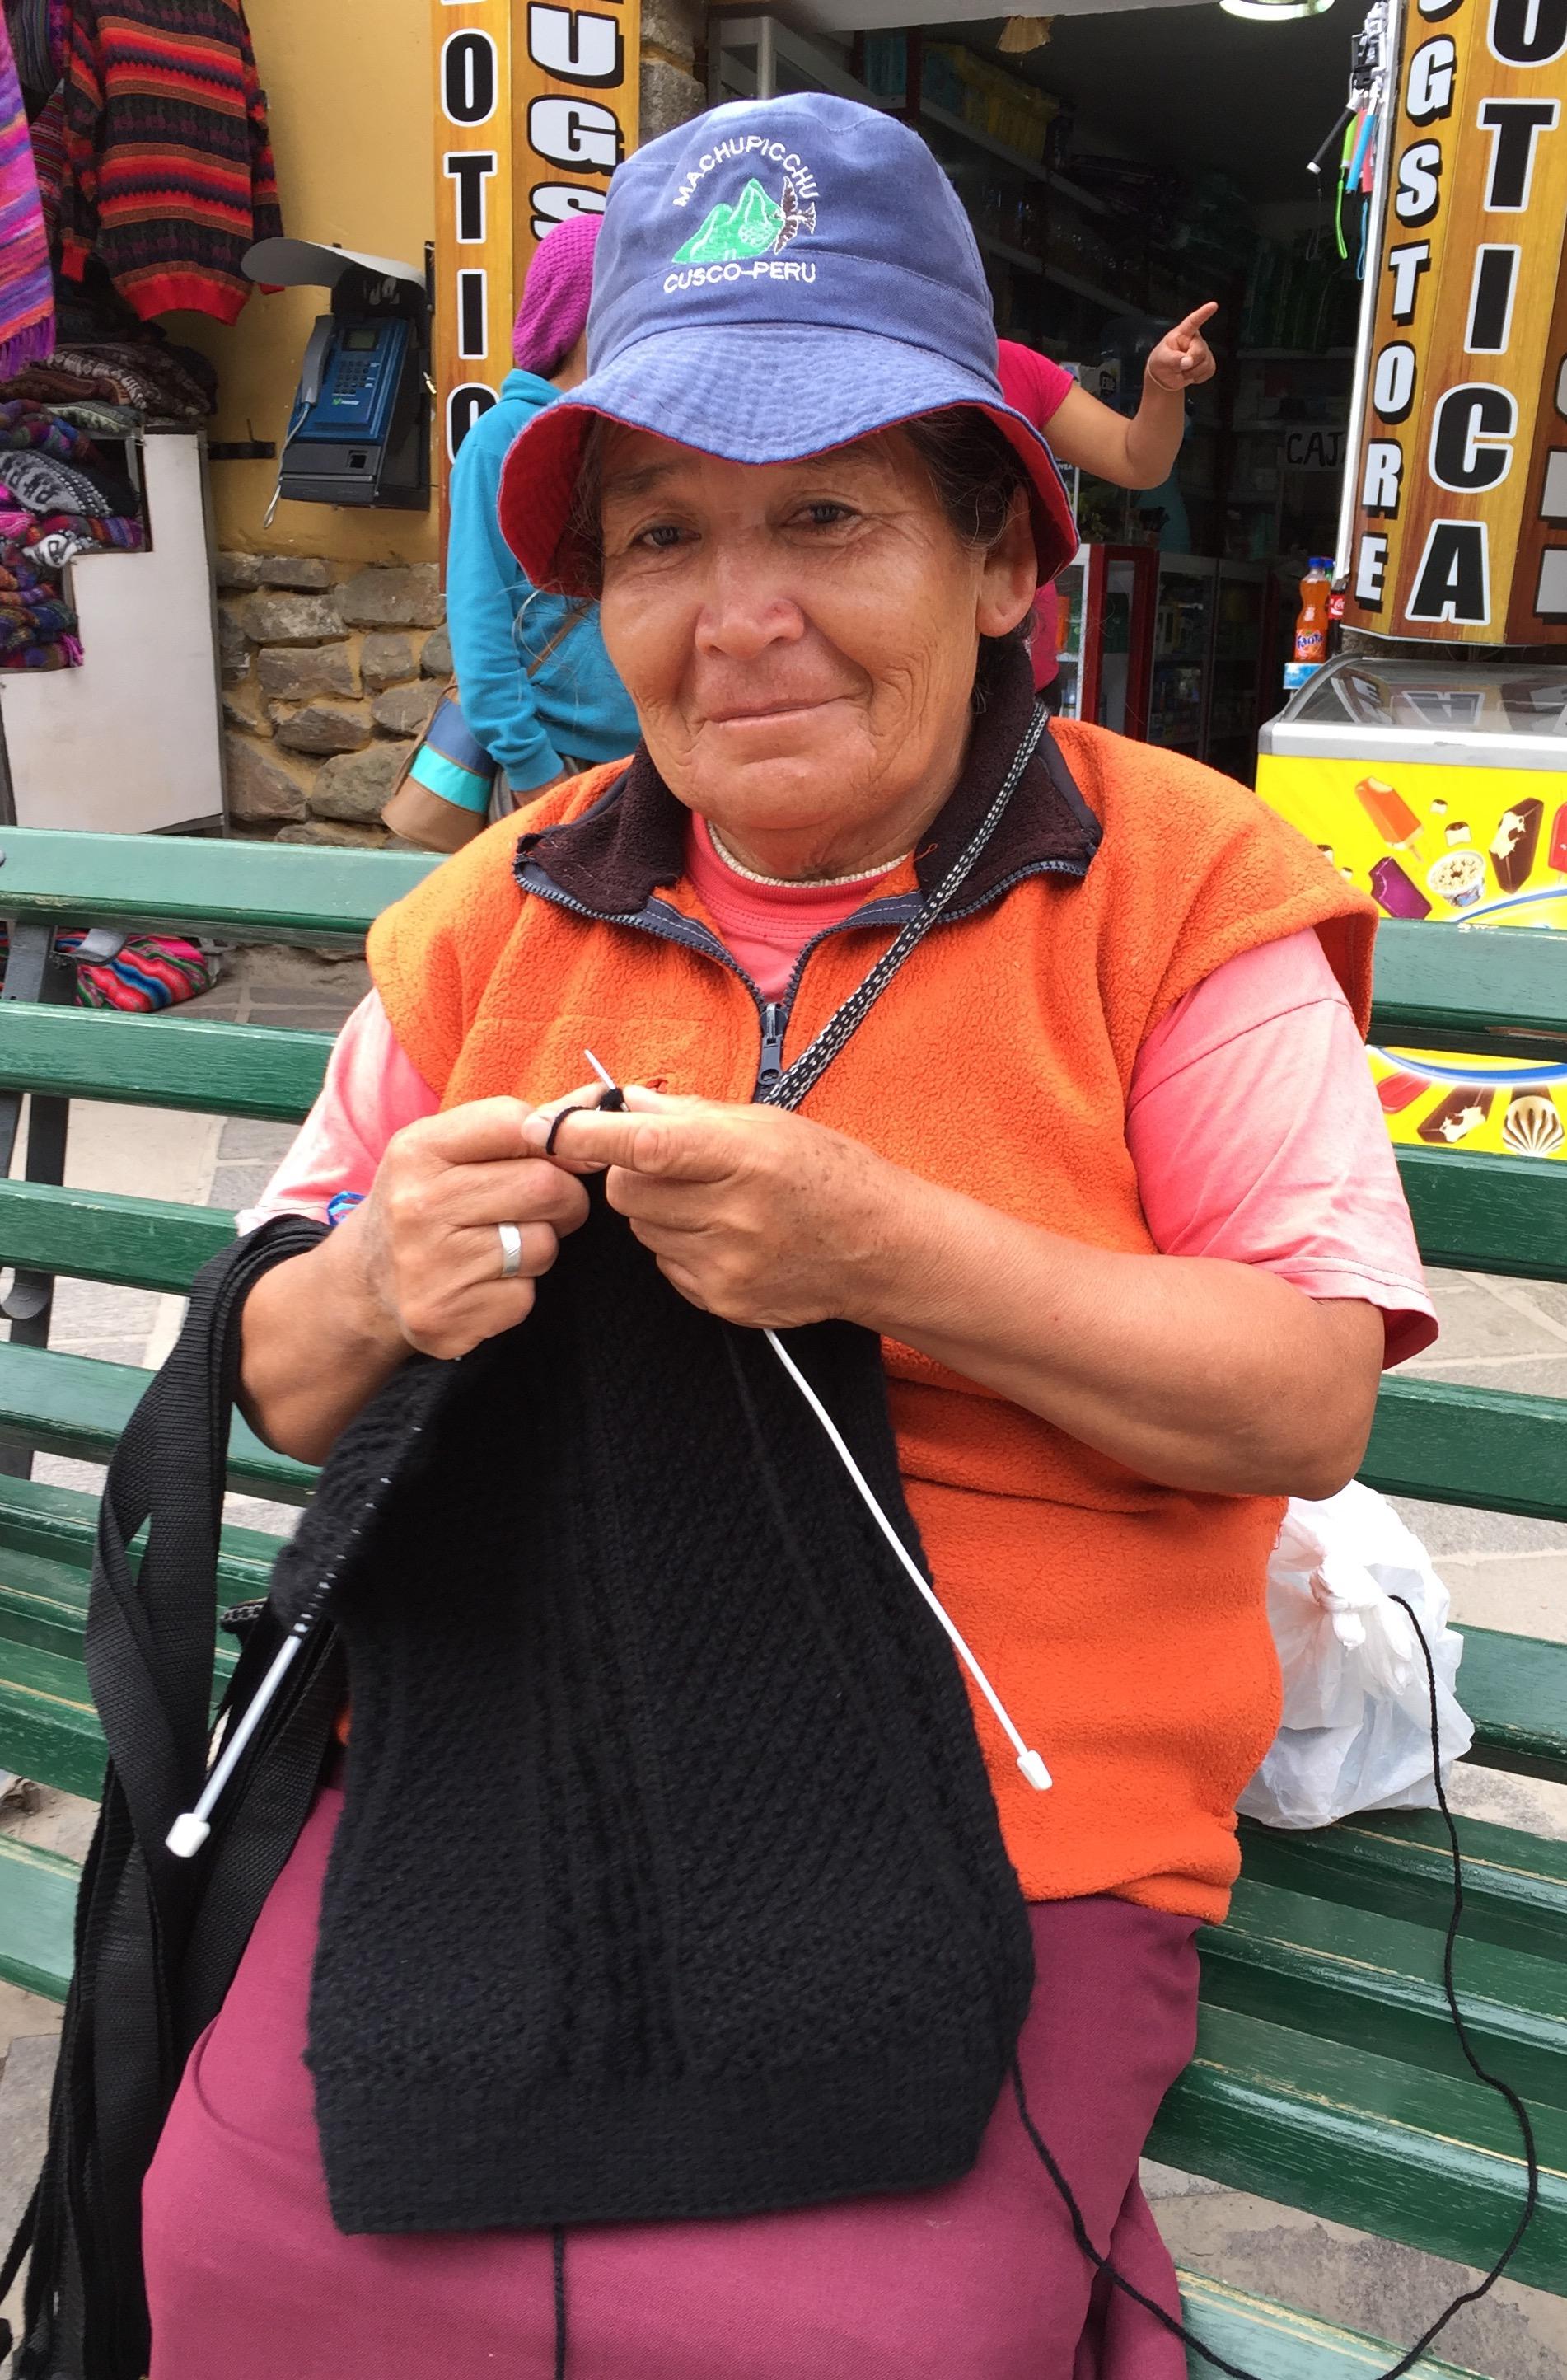 Kvinne som strikker på tradisjonelt vis. Her er mønsteret perlestrikk og fletter.